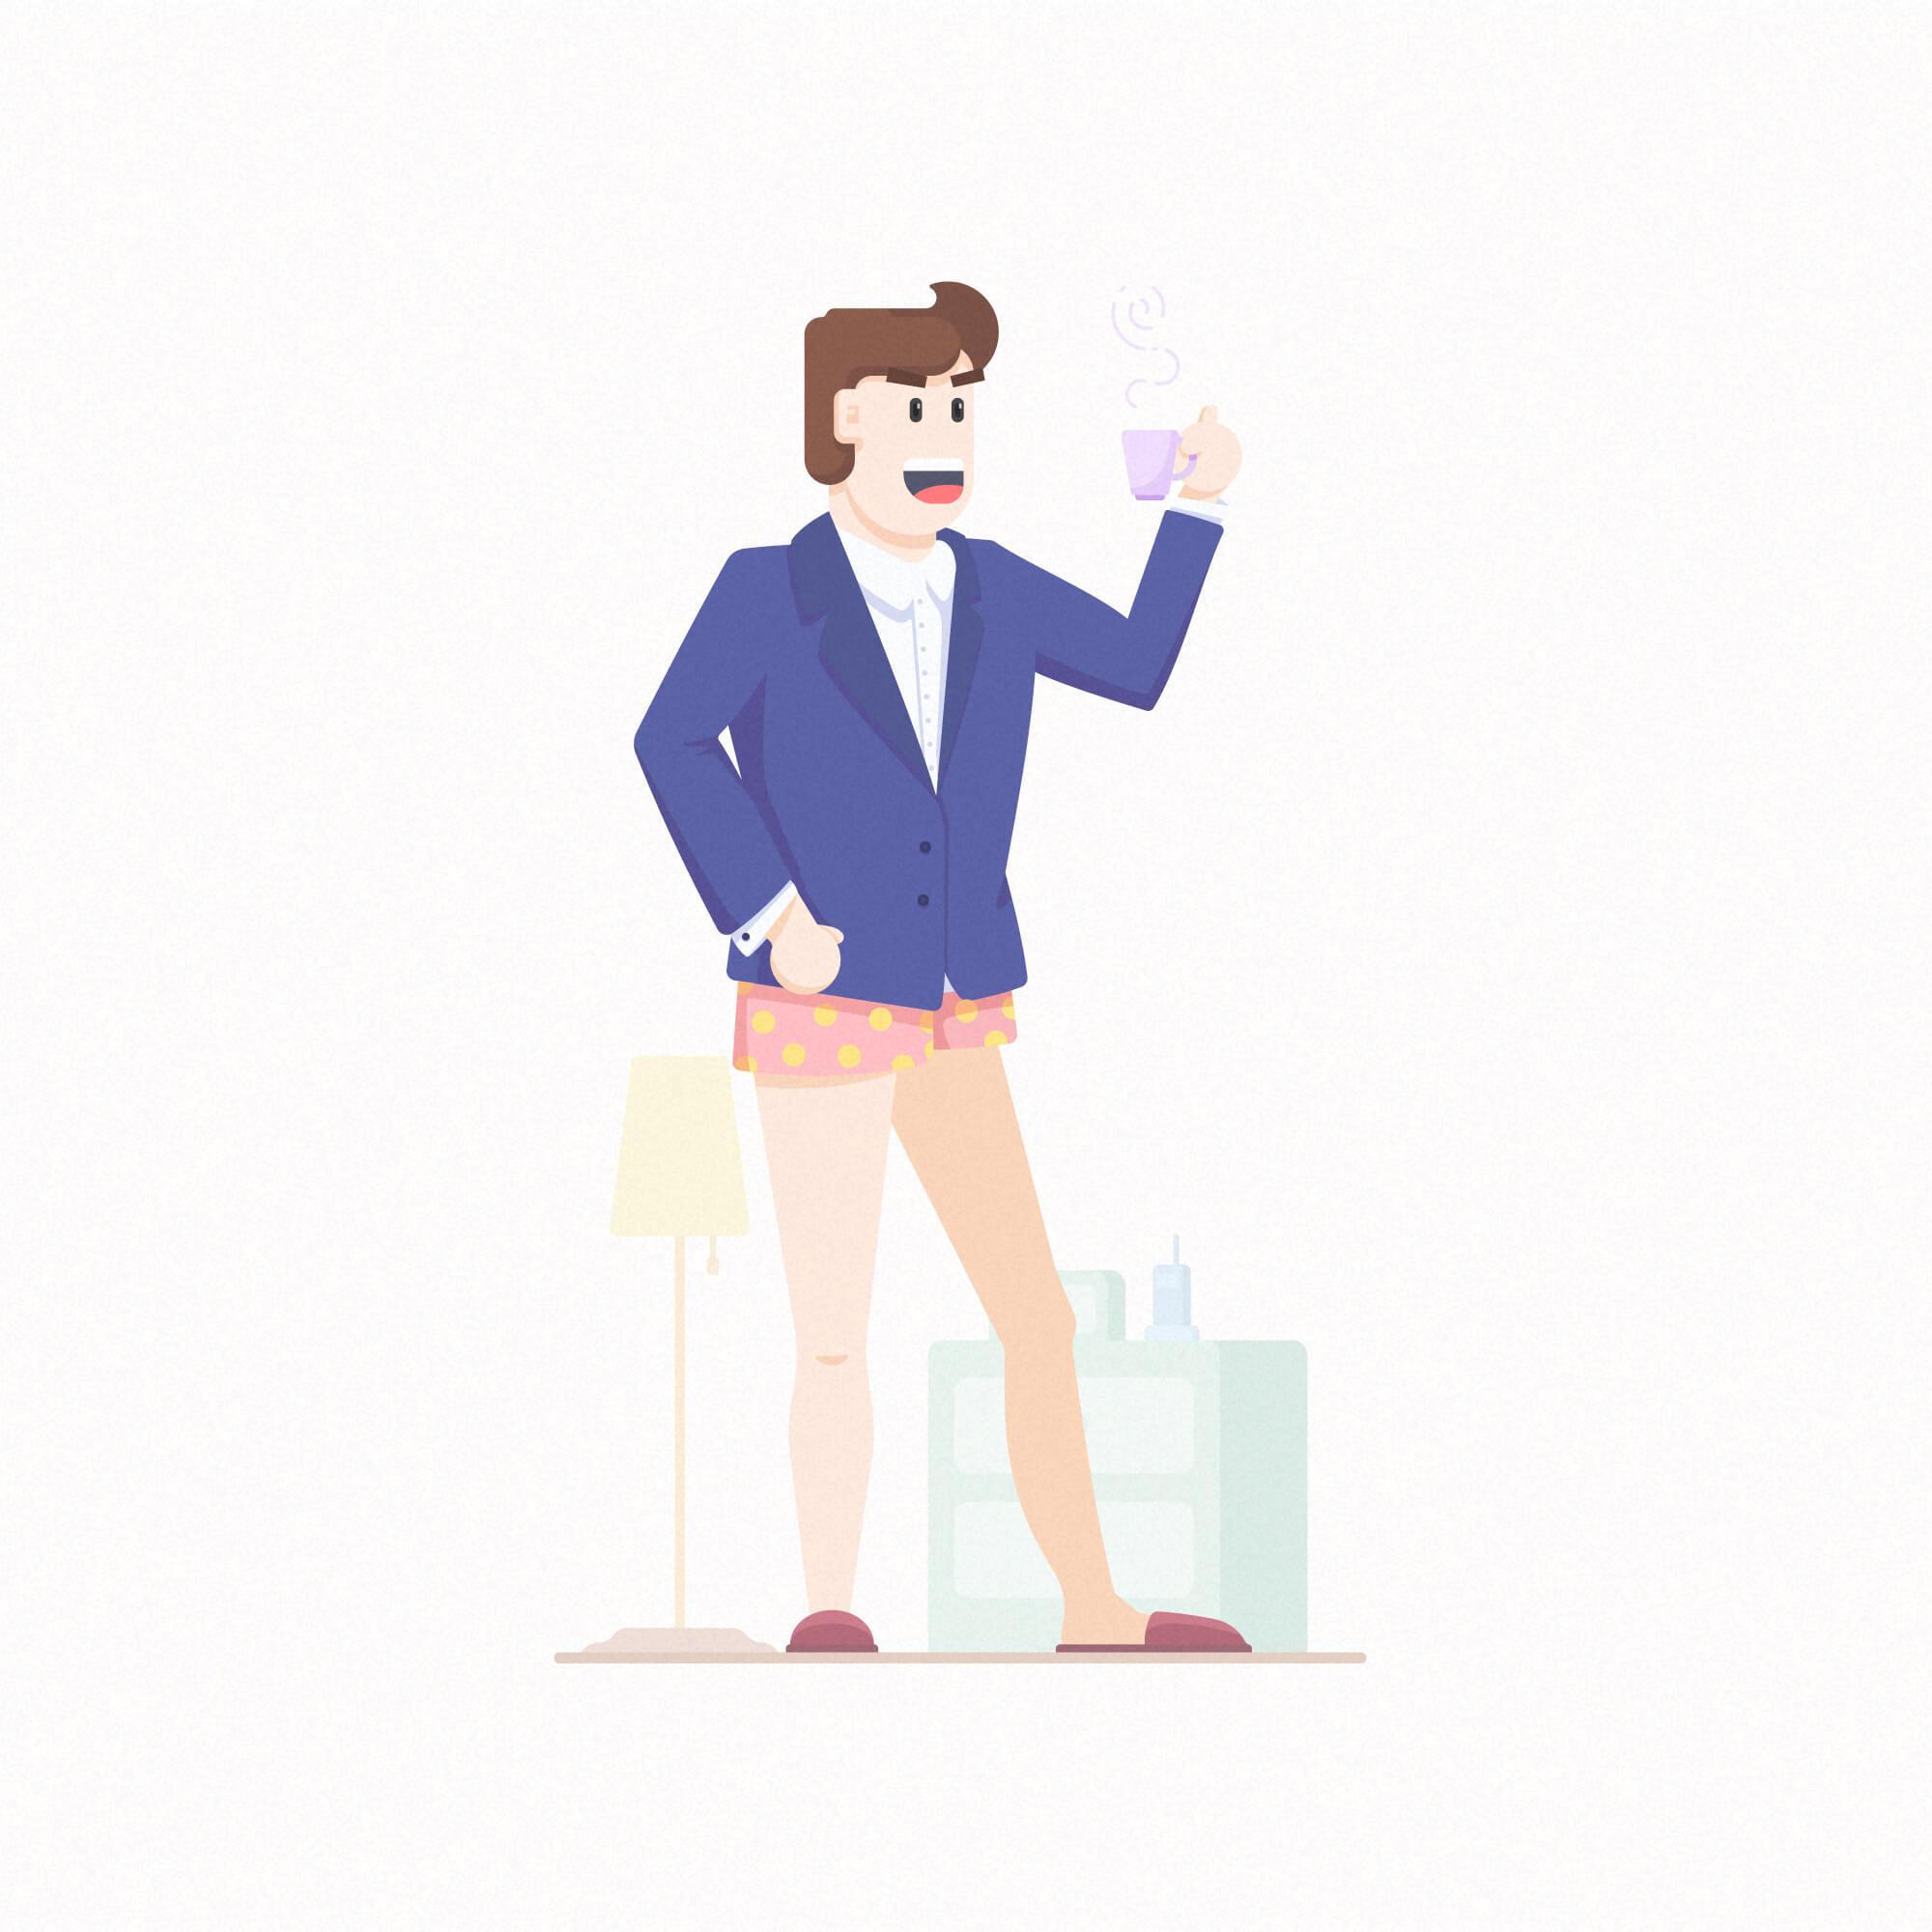 扁平风格插图_李瑞东设计